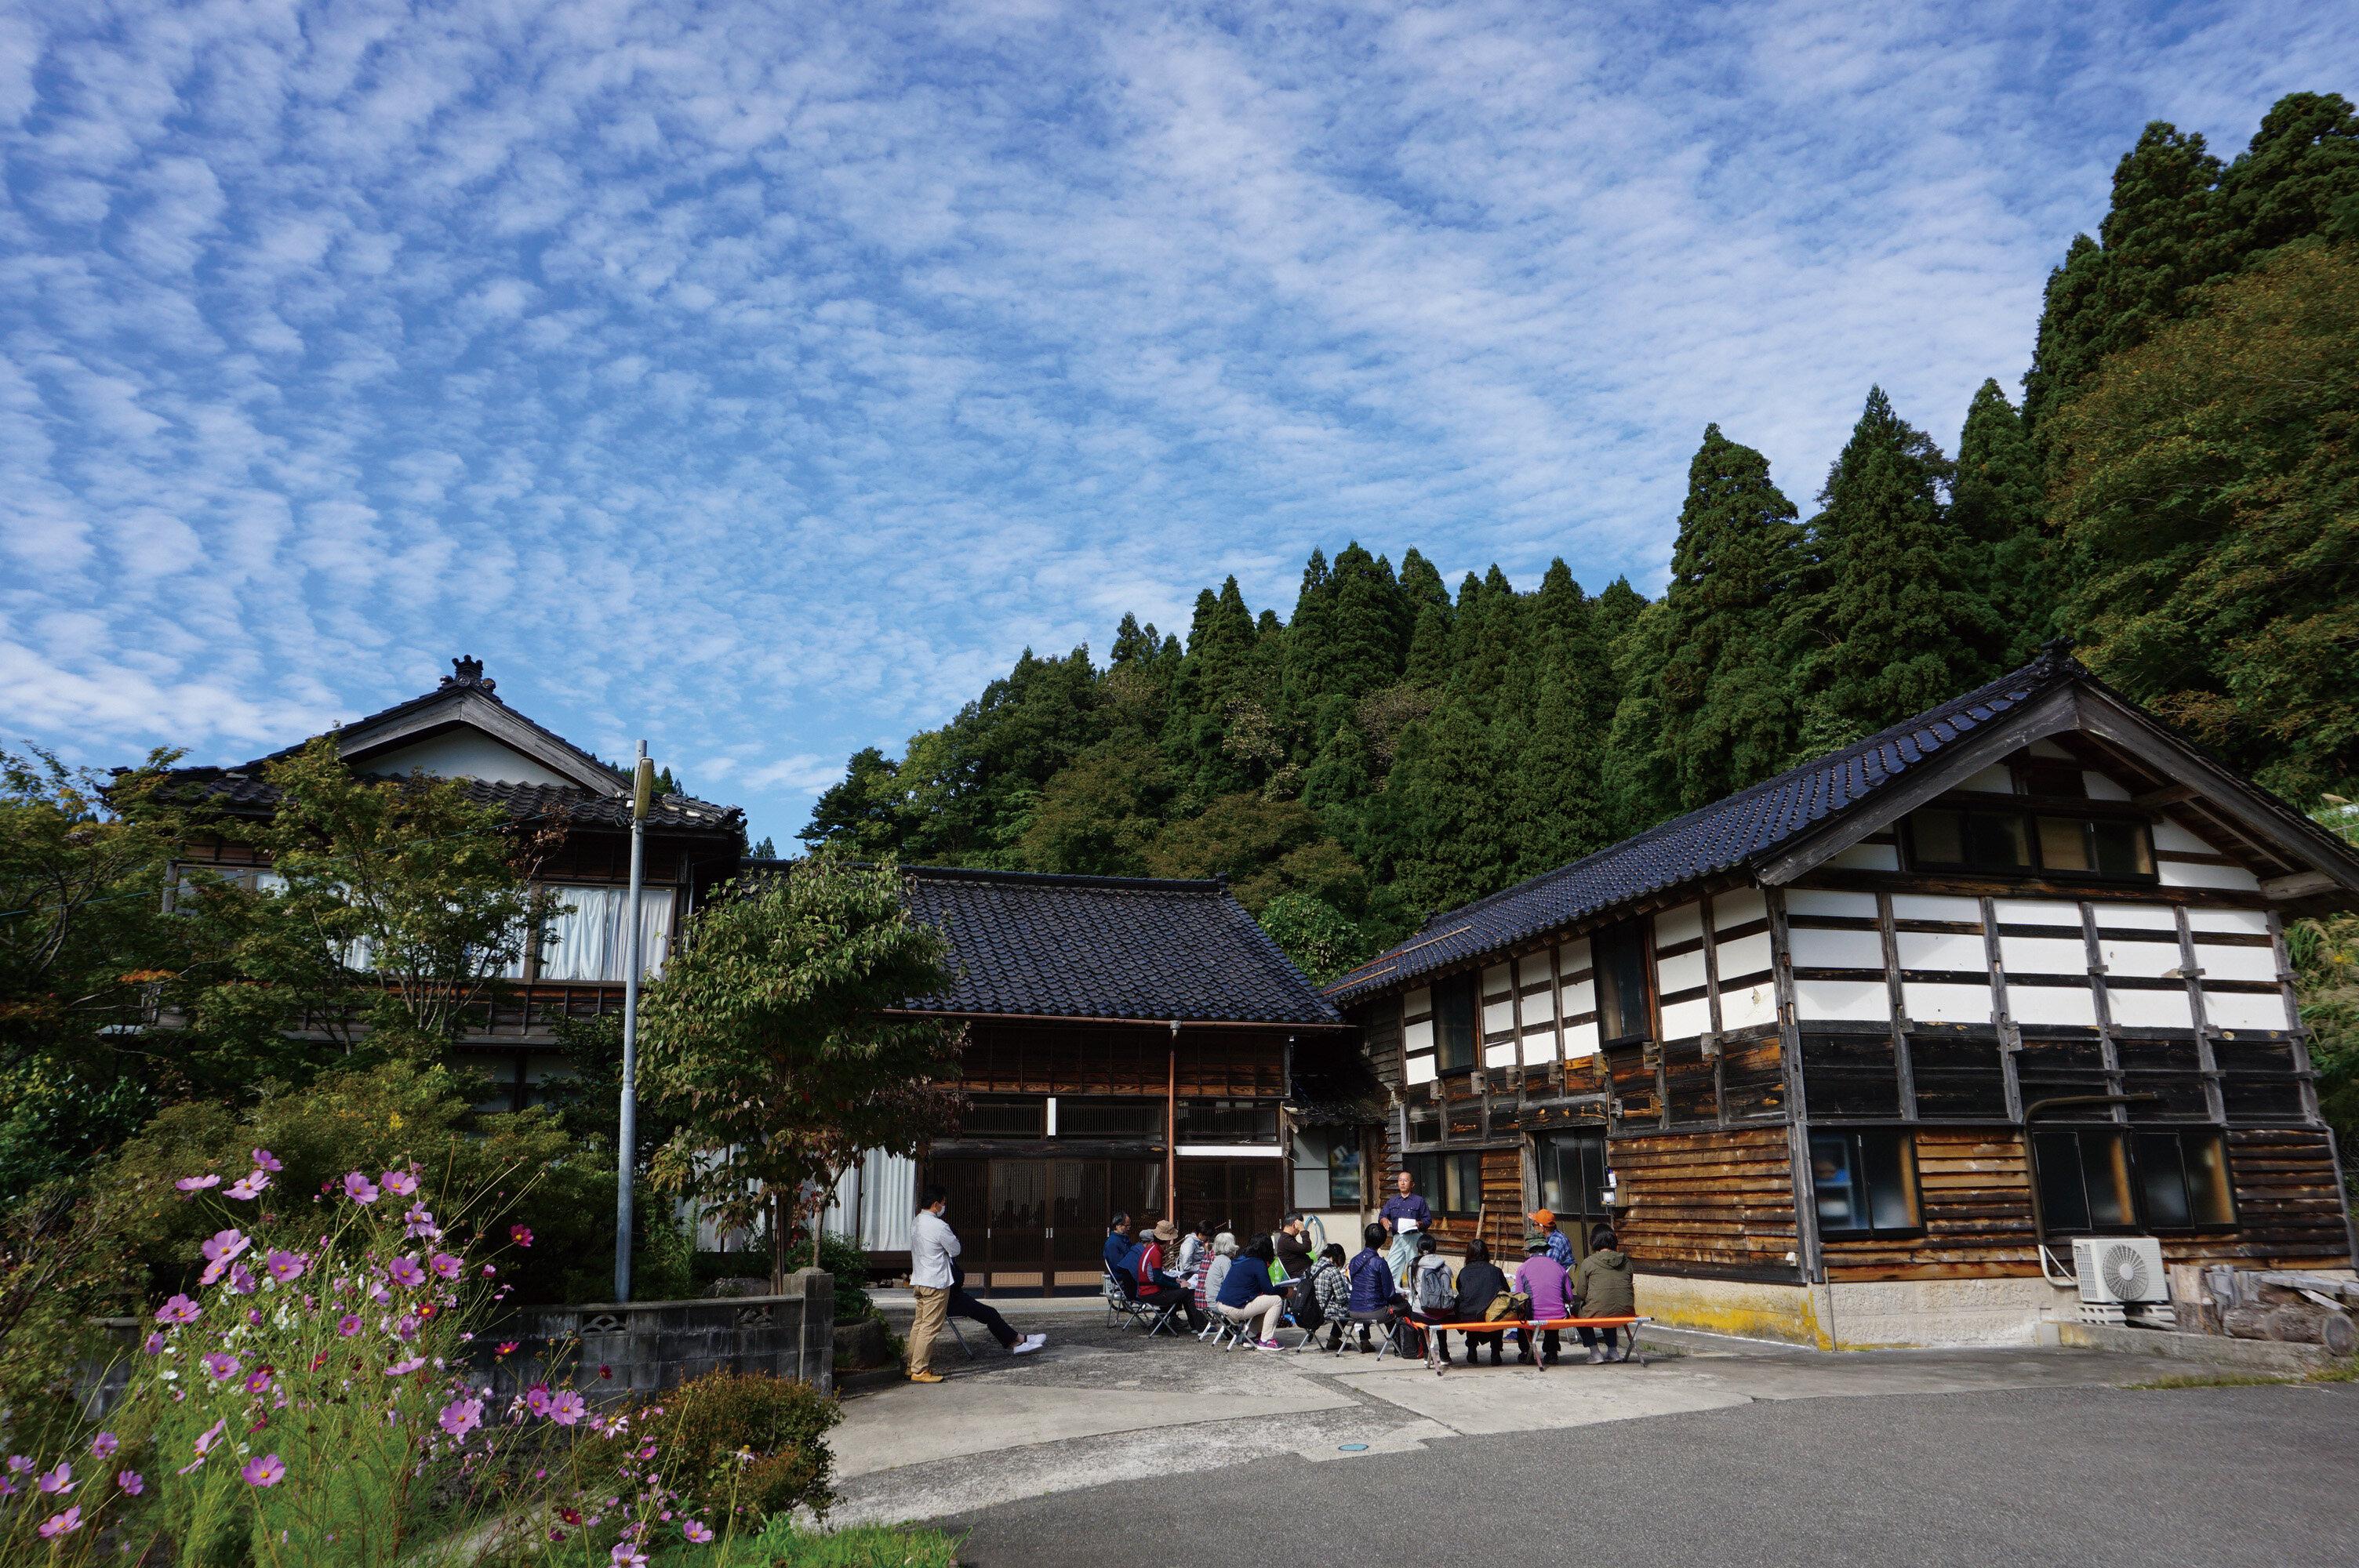 ノトノカさんでクロモジの蒸留を学ぶ青空教室.jpg